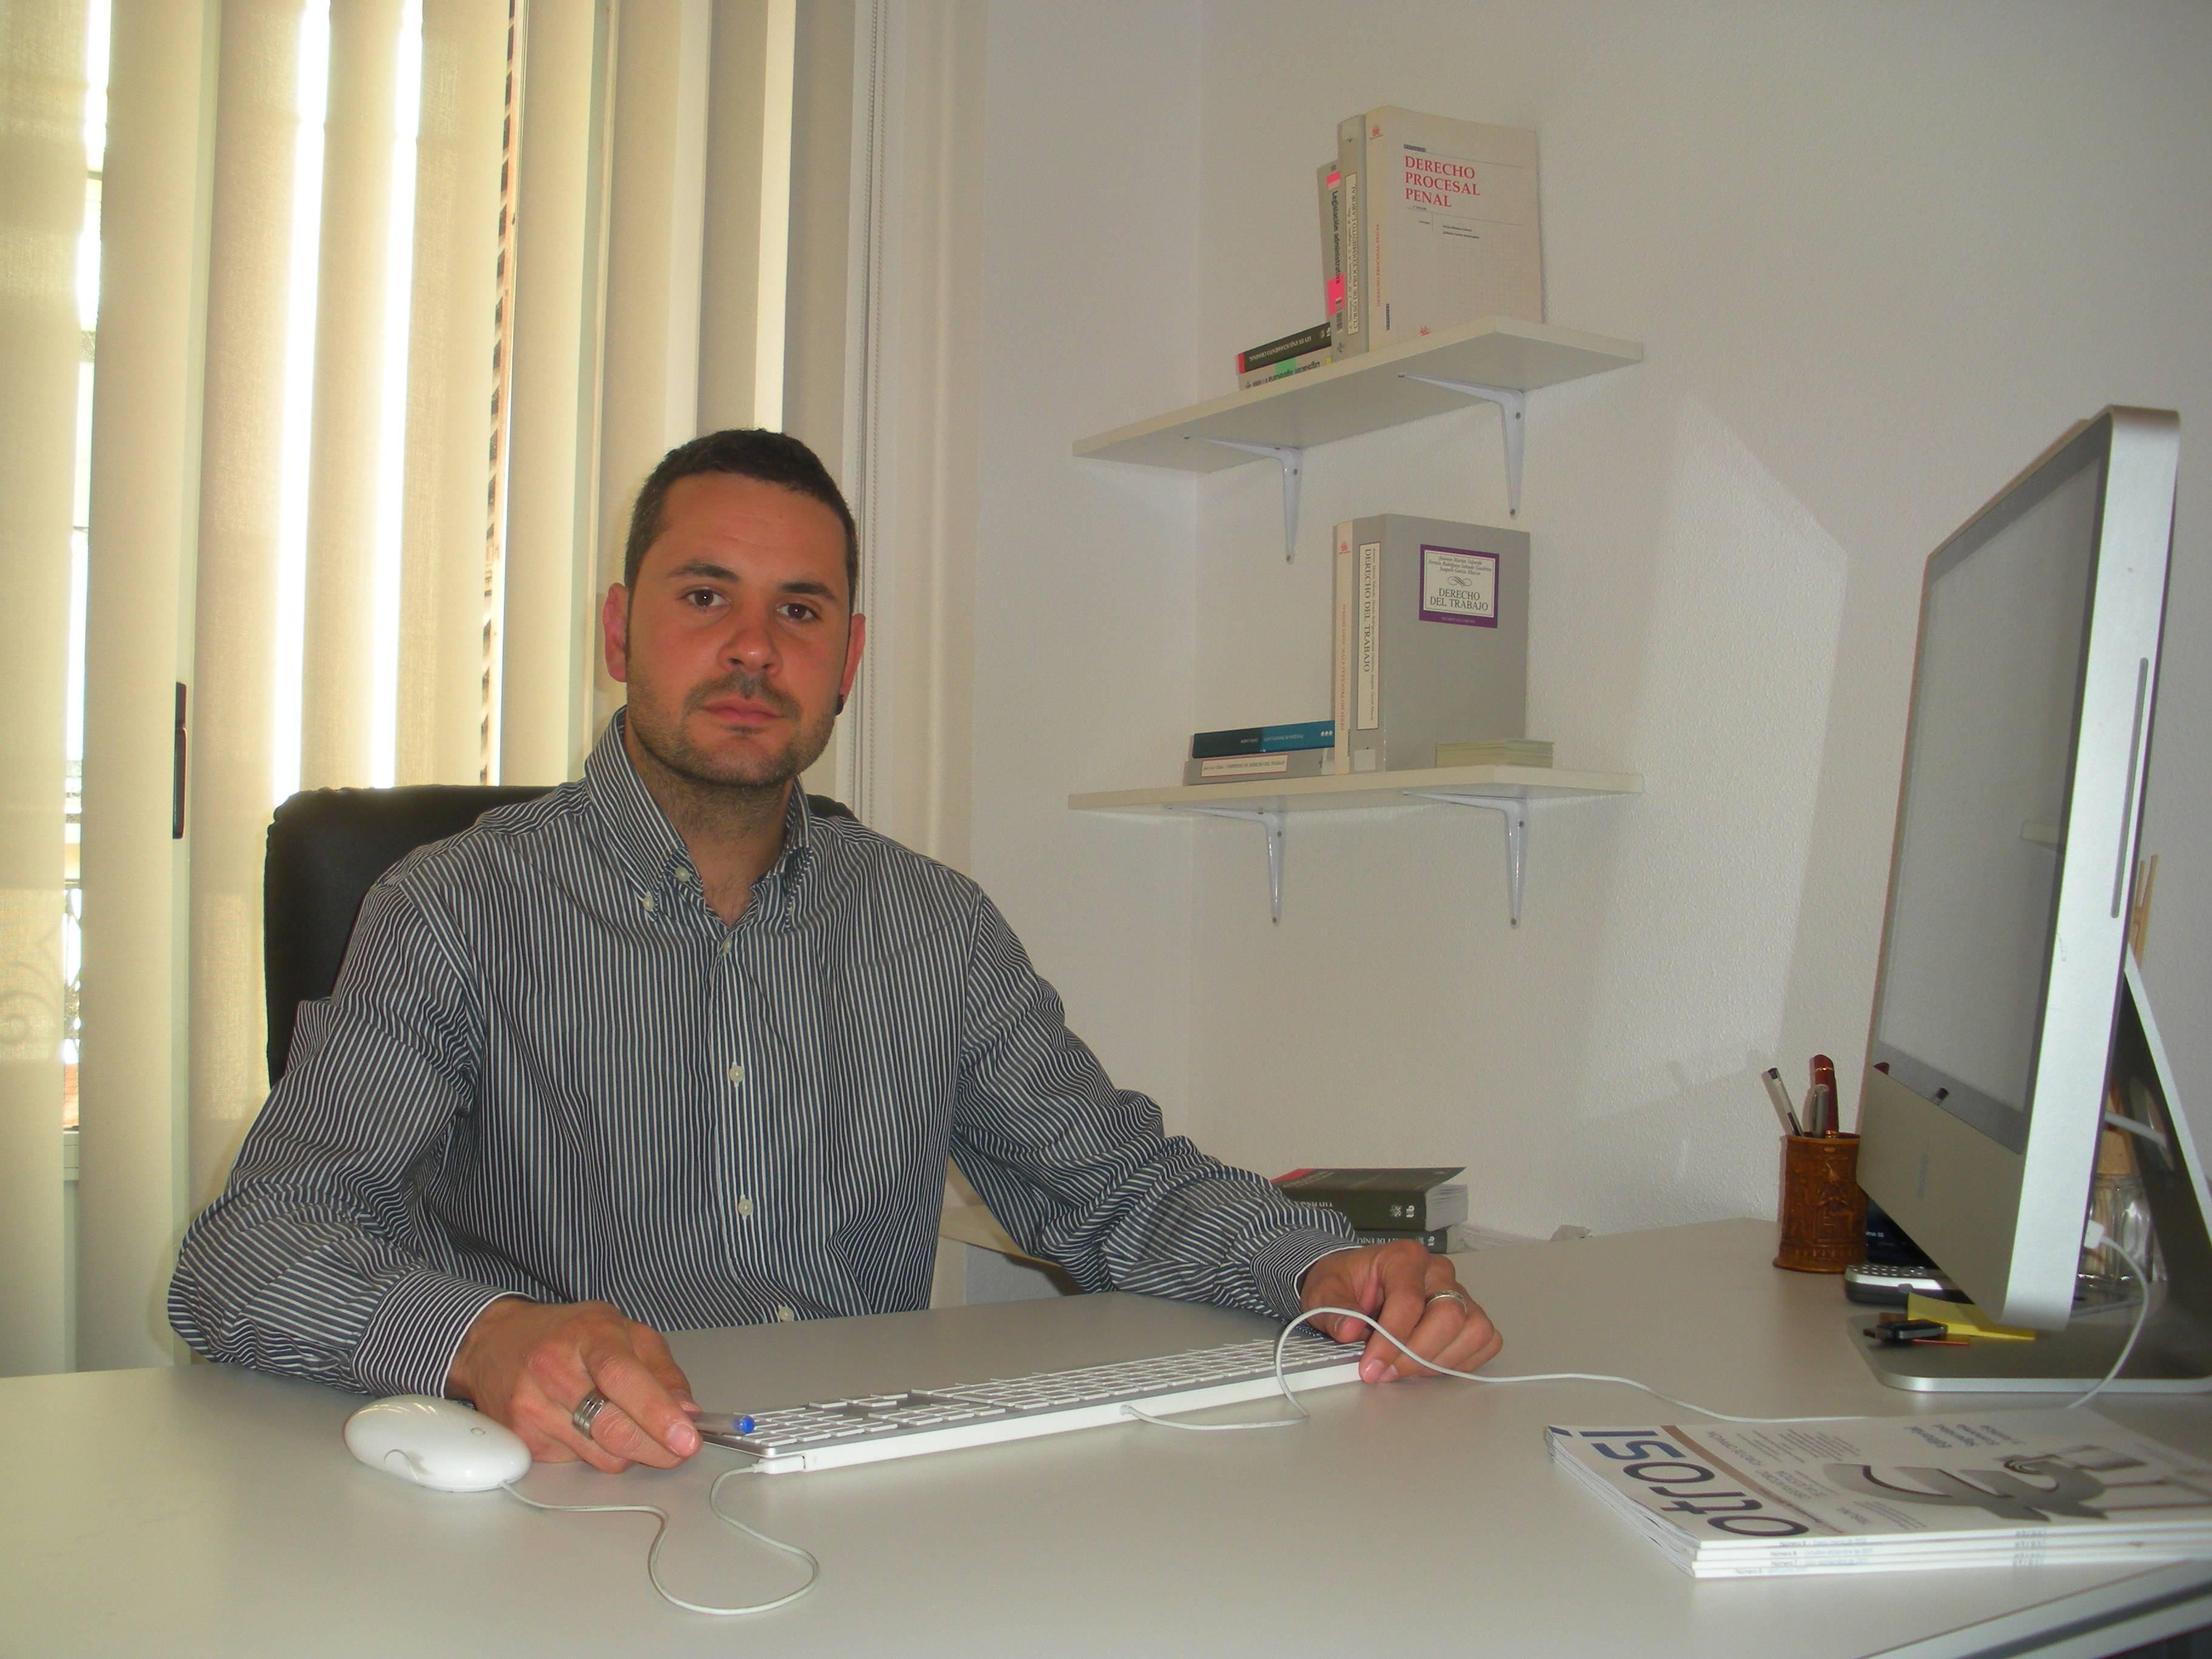 Foto Ismael Despacho - CBJ ofrece la primera consulta jurídica totalmente gratis en Herencia